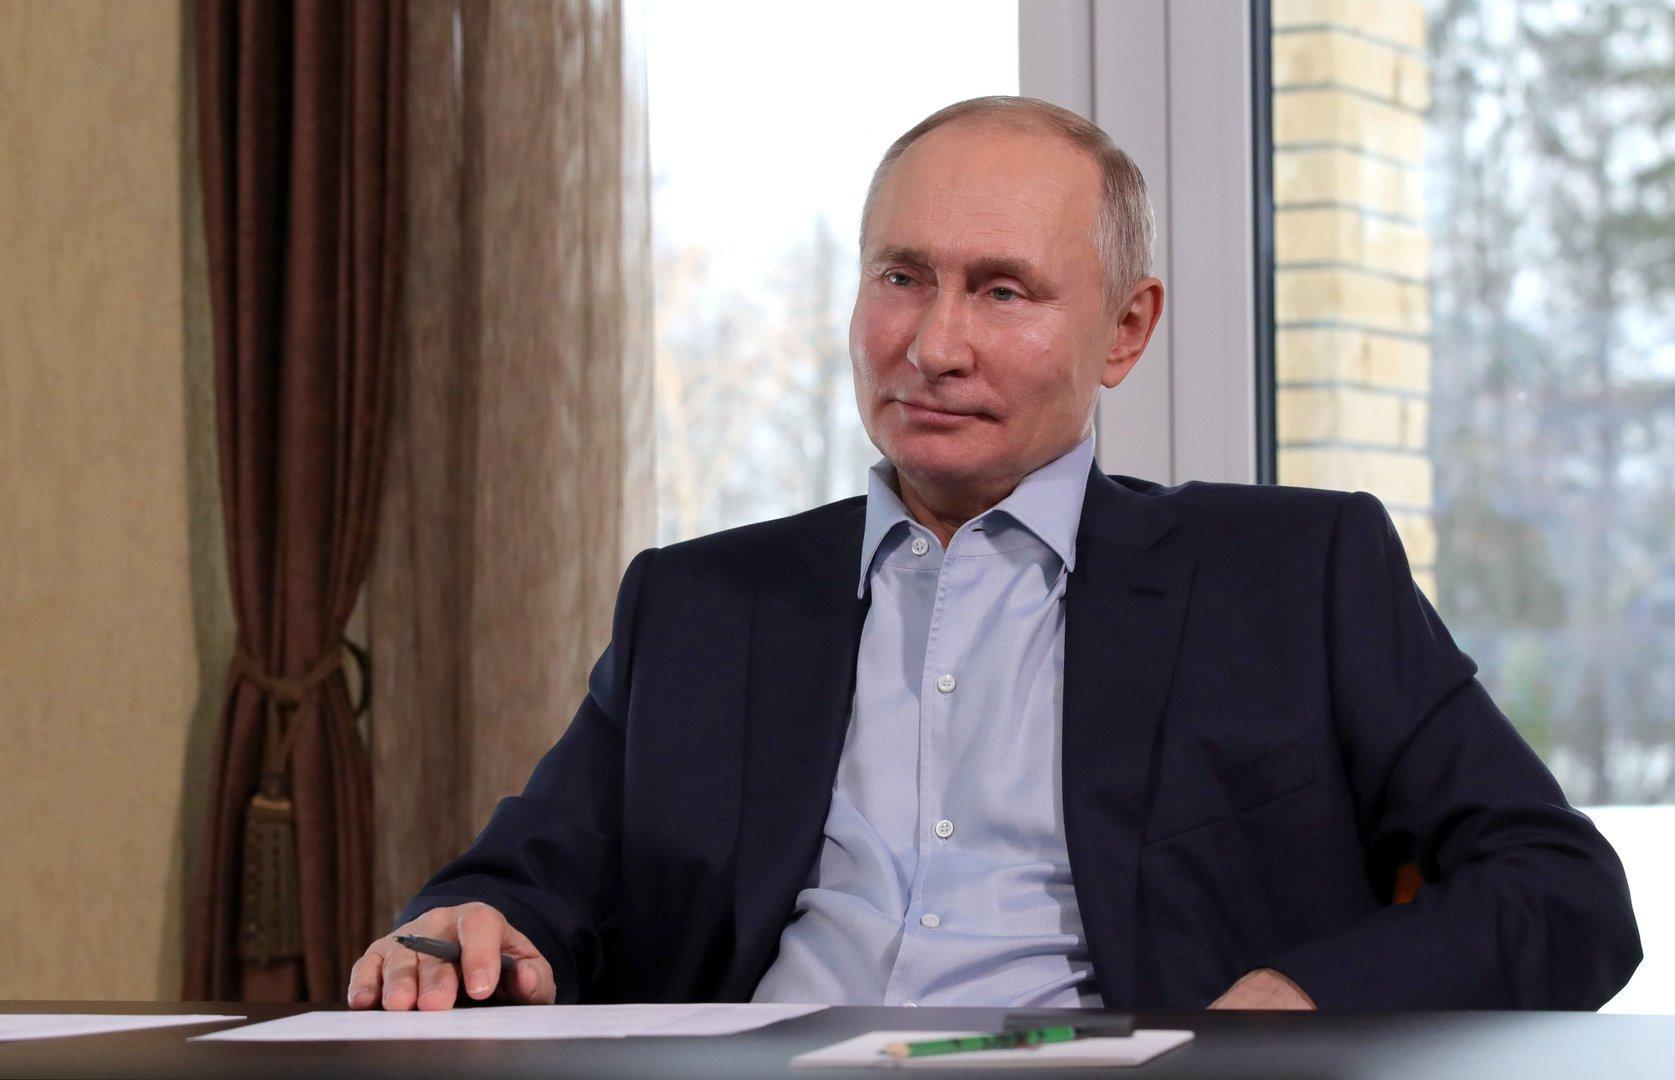 Putin weist persönlich Palast-Vorwürfe von Nawalny zurück